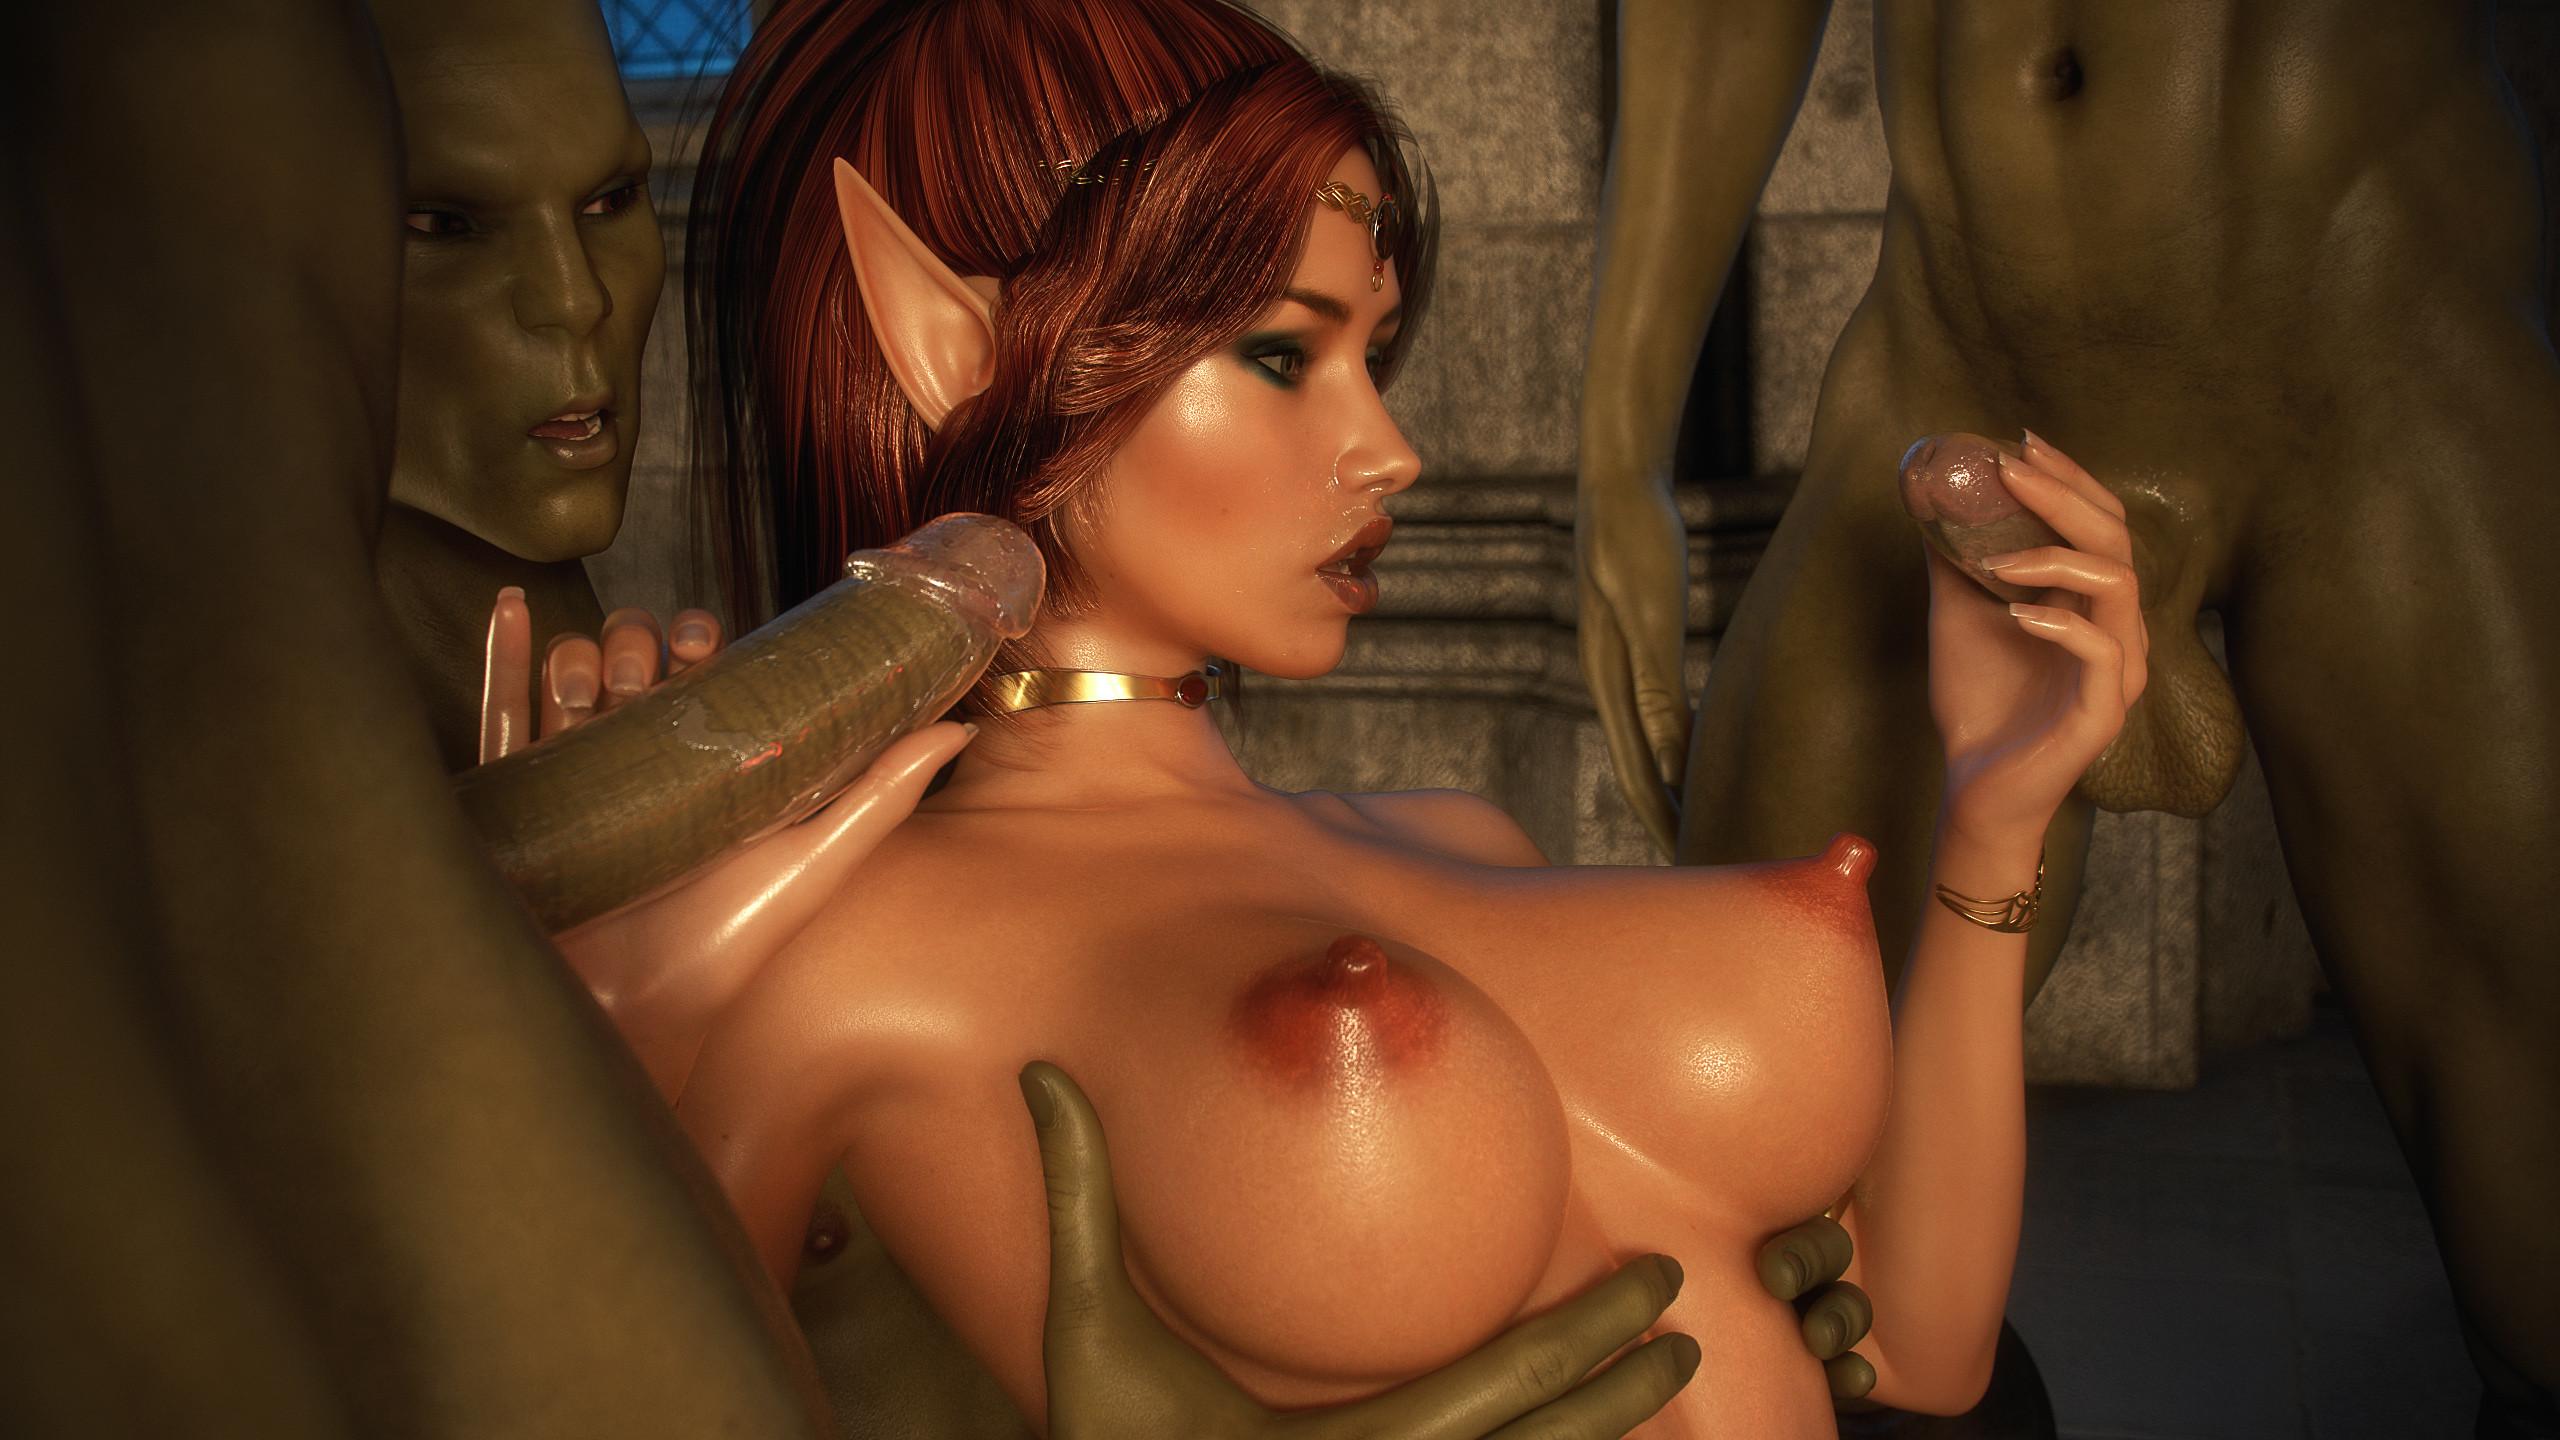 Elf free porn pics